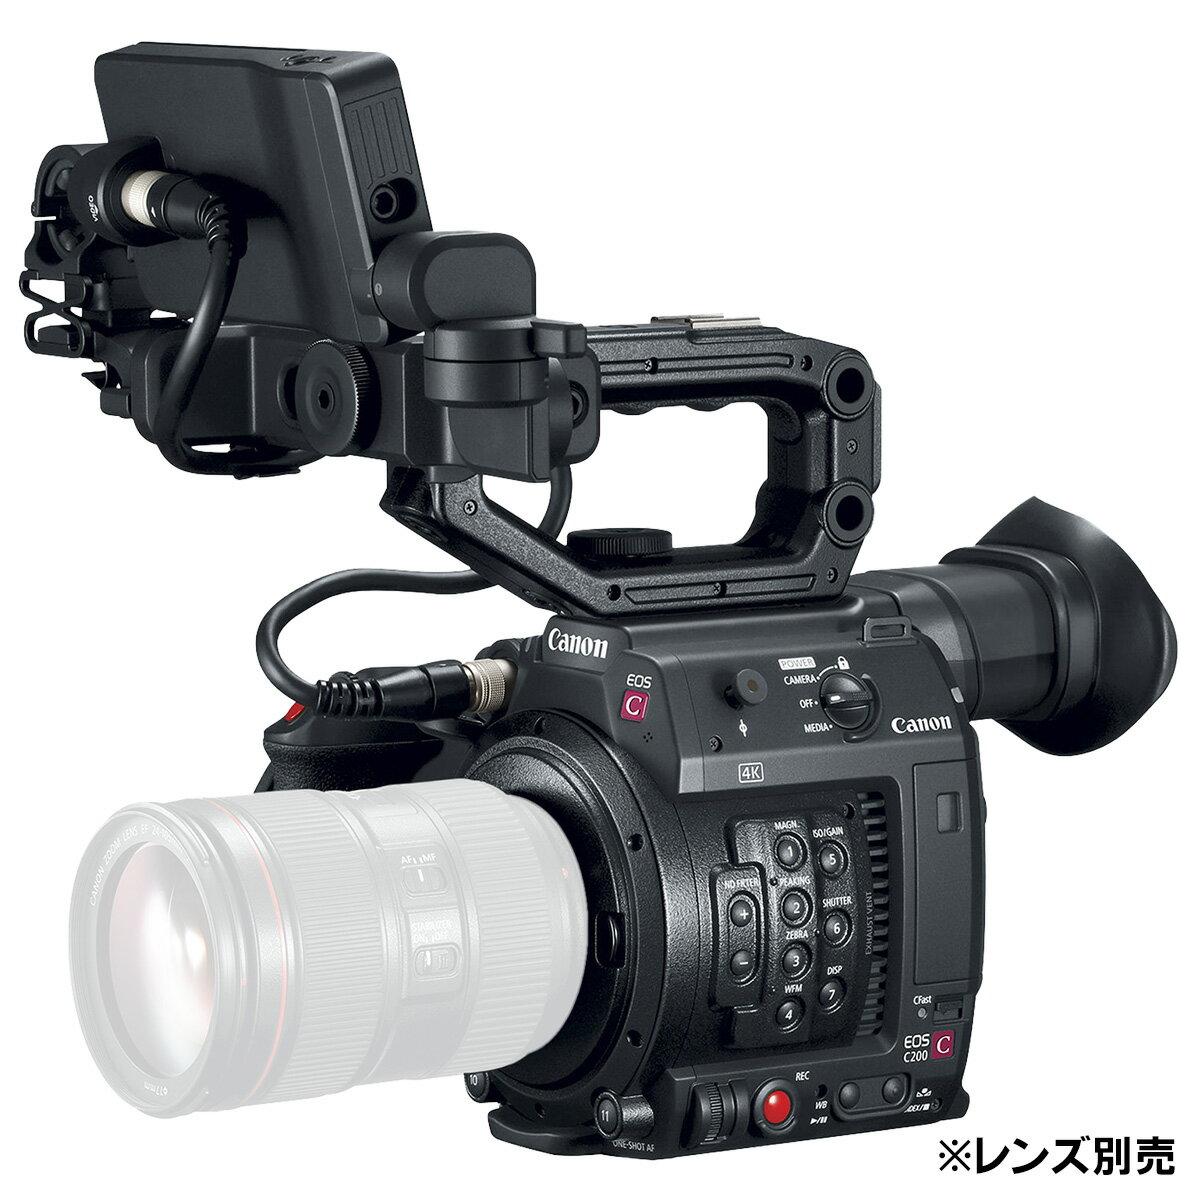 カメラ・ビデオカメラ・光学機器, 業務用ビデオカメラ CanonCanon EOS C200